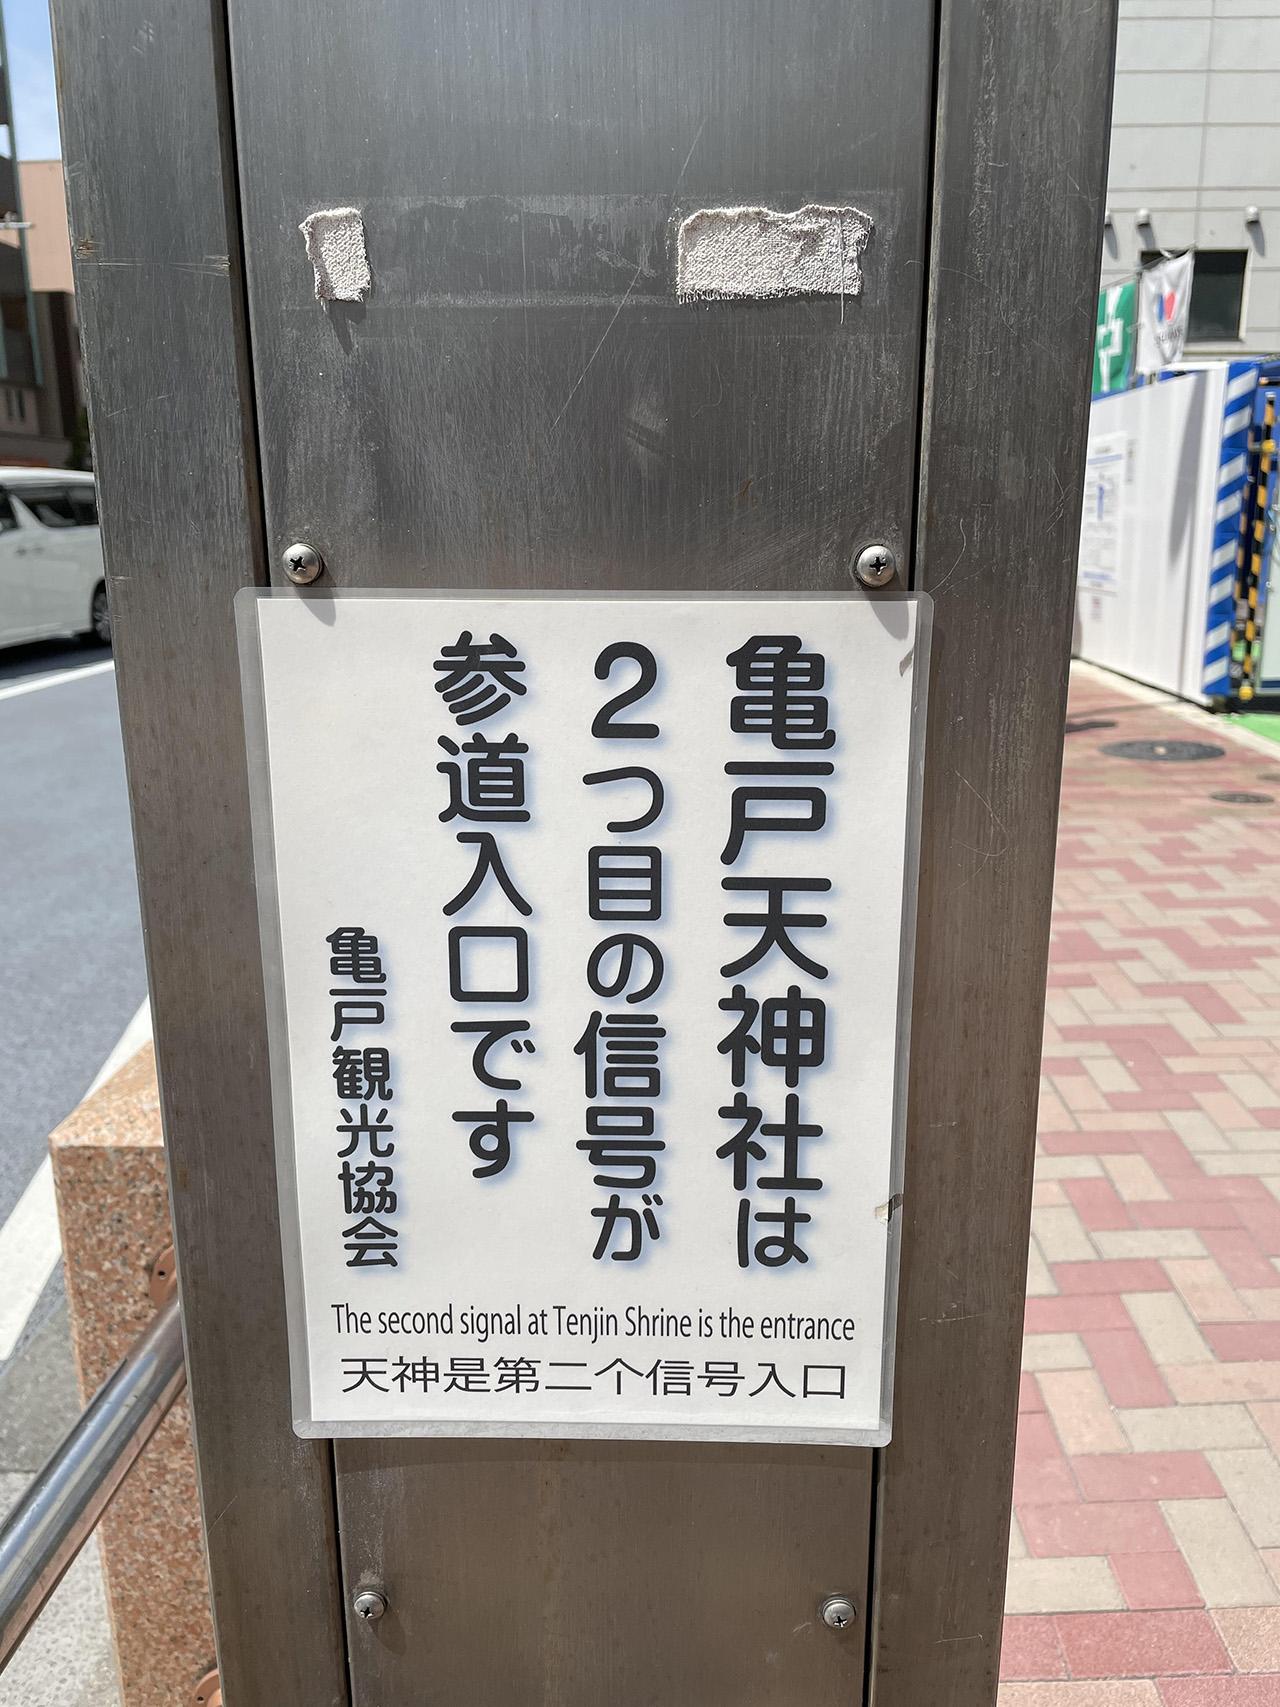 亀戸天神社までの案内の写真